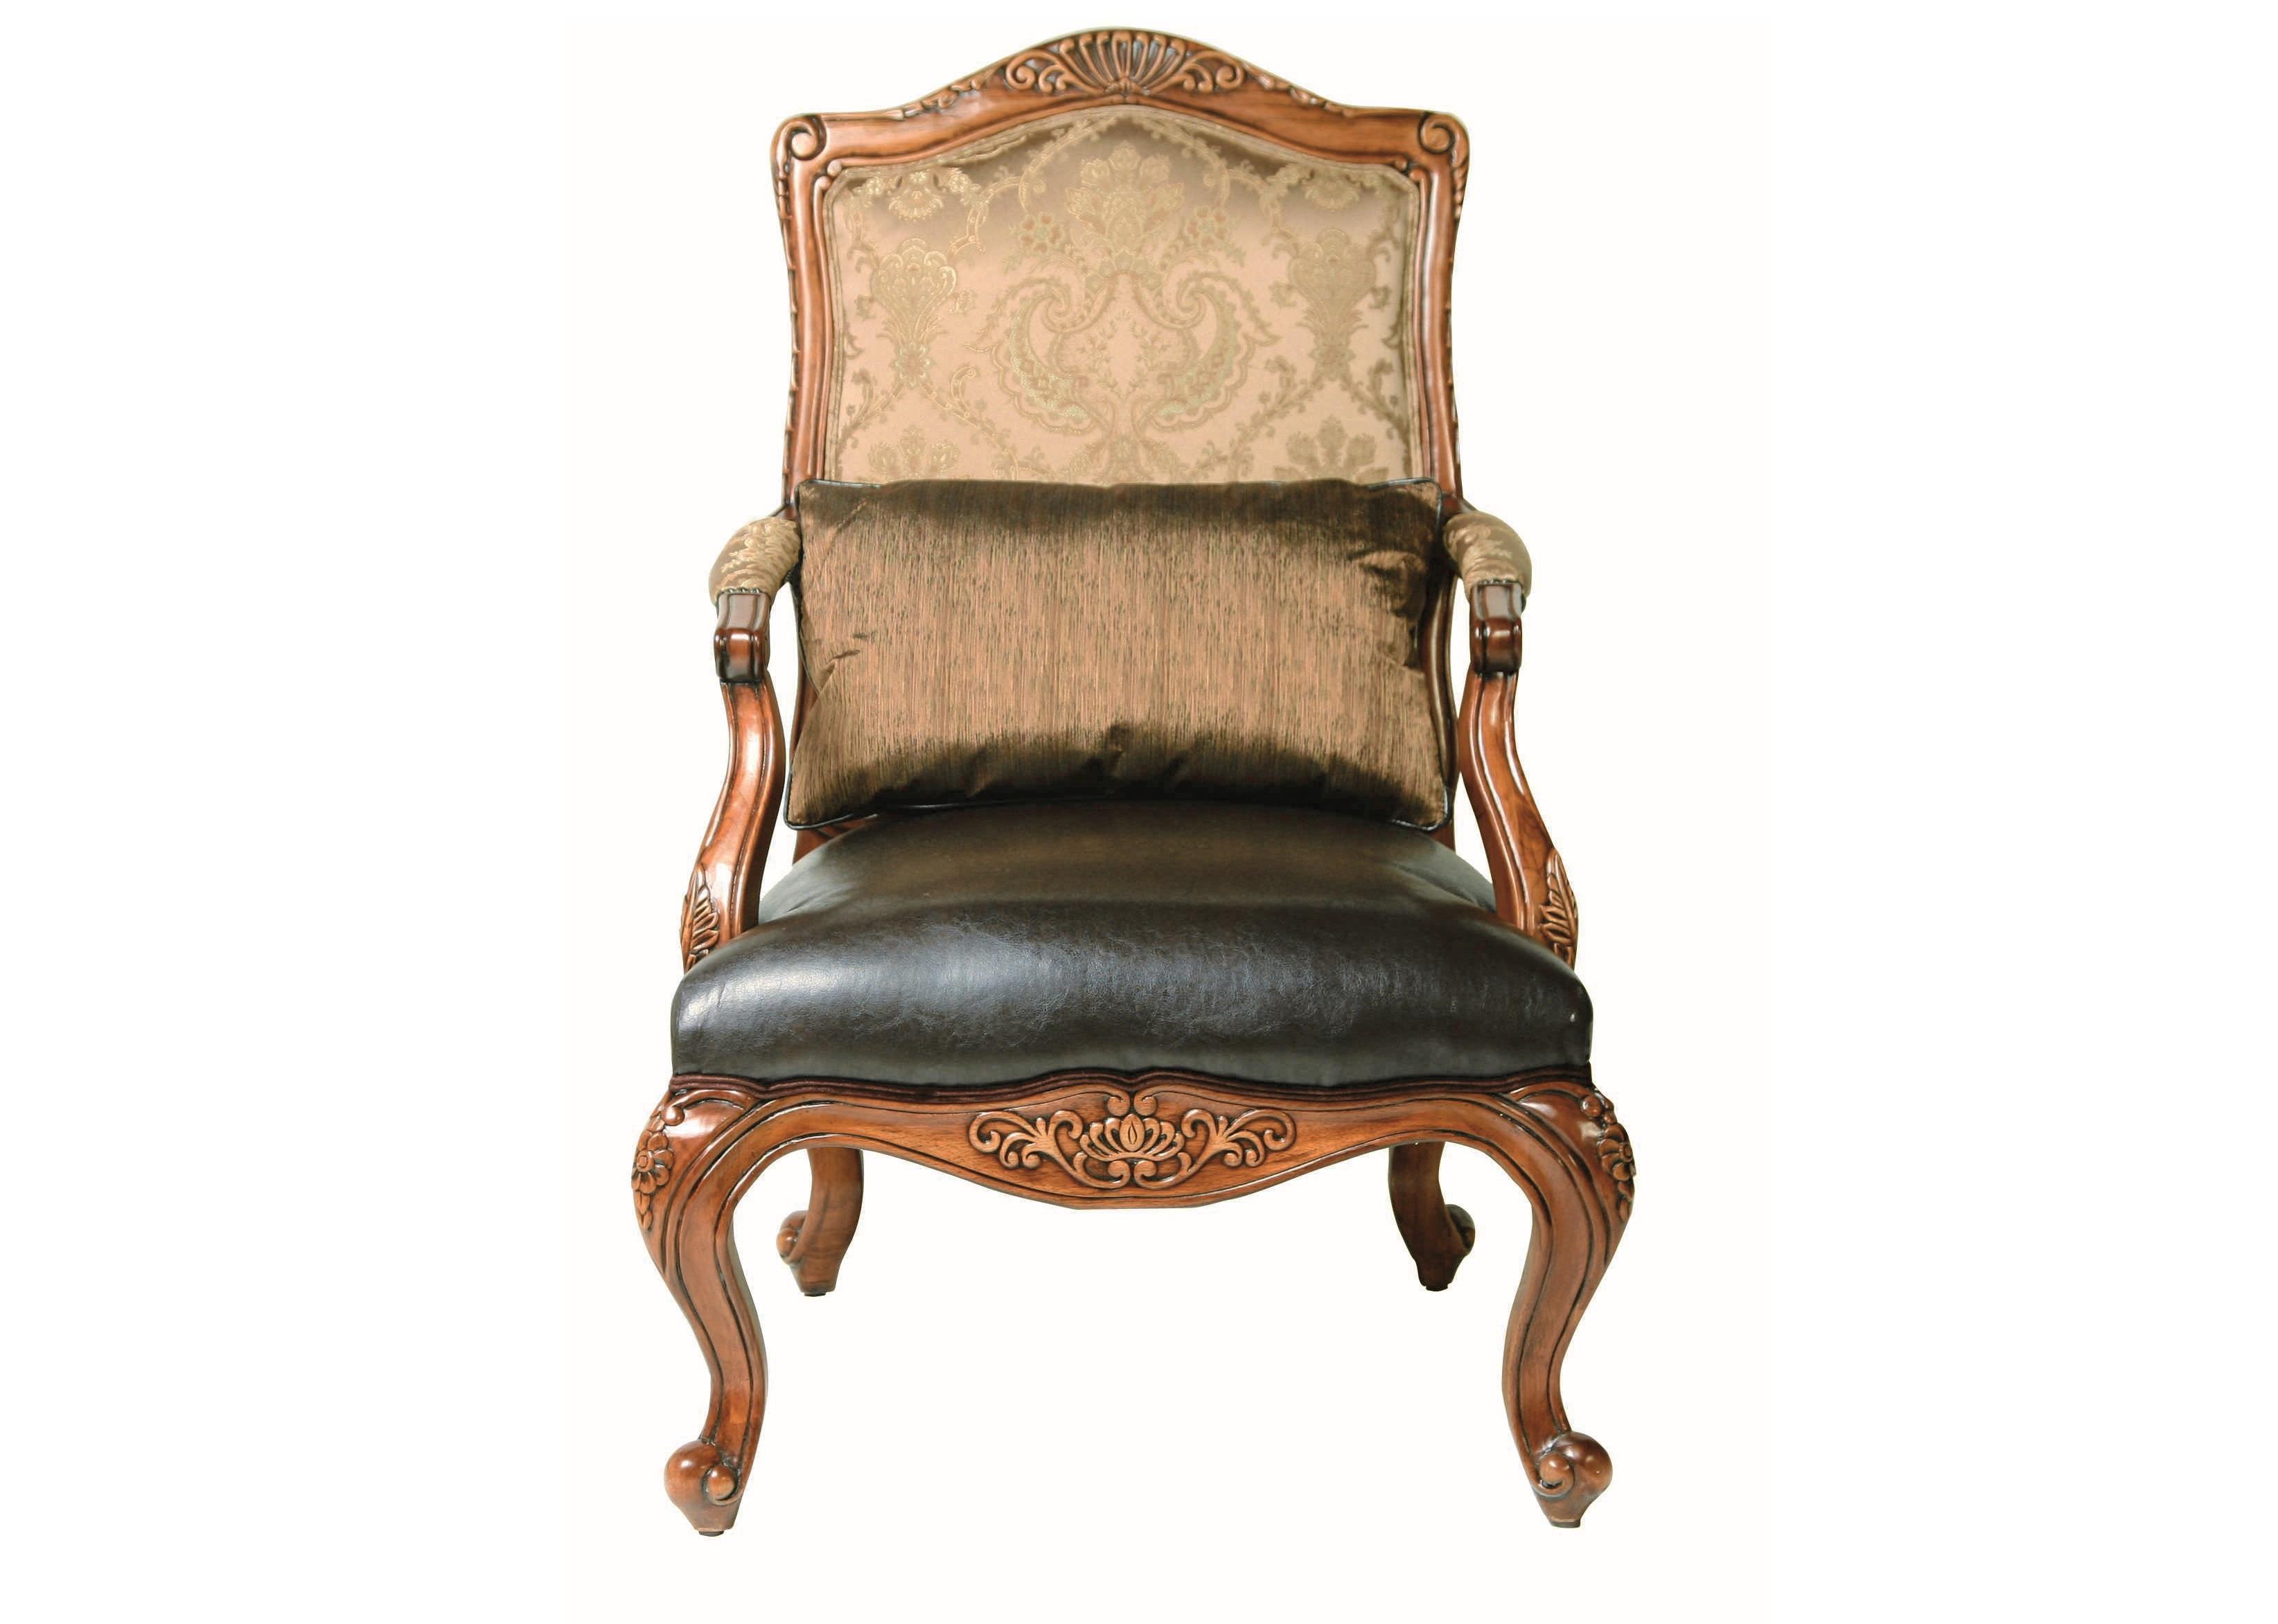 КреслоКожаные кресла<br>Кресло в классическом стиле. Выполнено на каркасе из натуральной древесины. Высокая спинка предлагается в текстильной обивке . Мягкое сиденья обито натуральной кожей. Для создания наибольшего комфорта модель дополнена декоративной подушкой под поясницу. Изделие украшено резьбой (ручная работа).<br><br>Material: Кожа<br>Width см: 81<br>Depth см: 74<br>Height см: 119